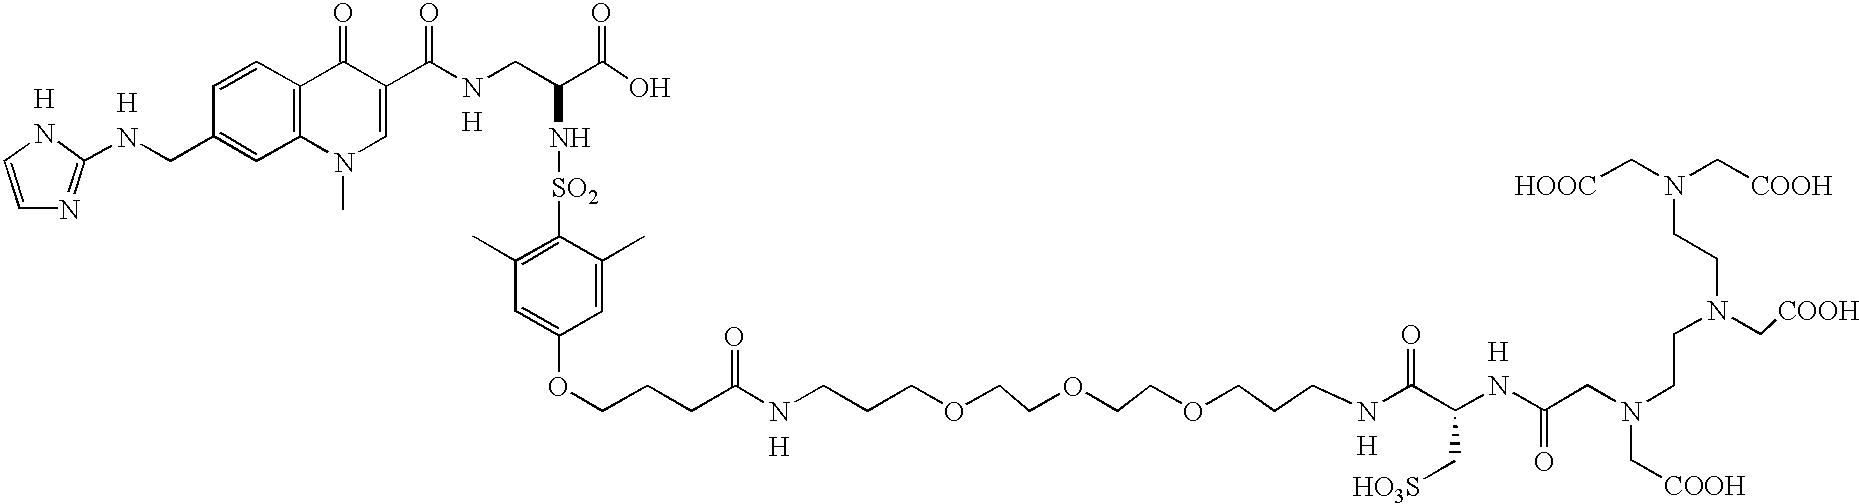 Figure US06683163-20040127-C00092